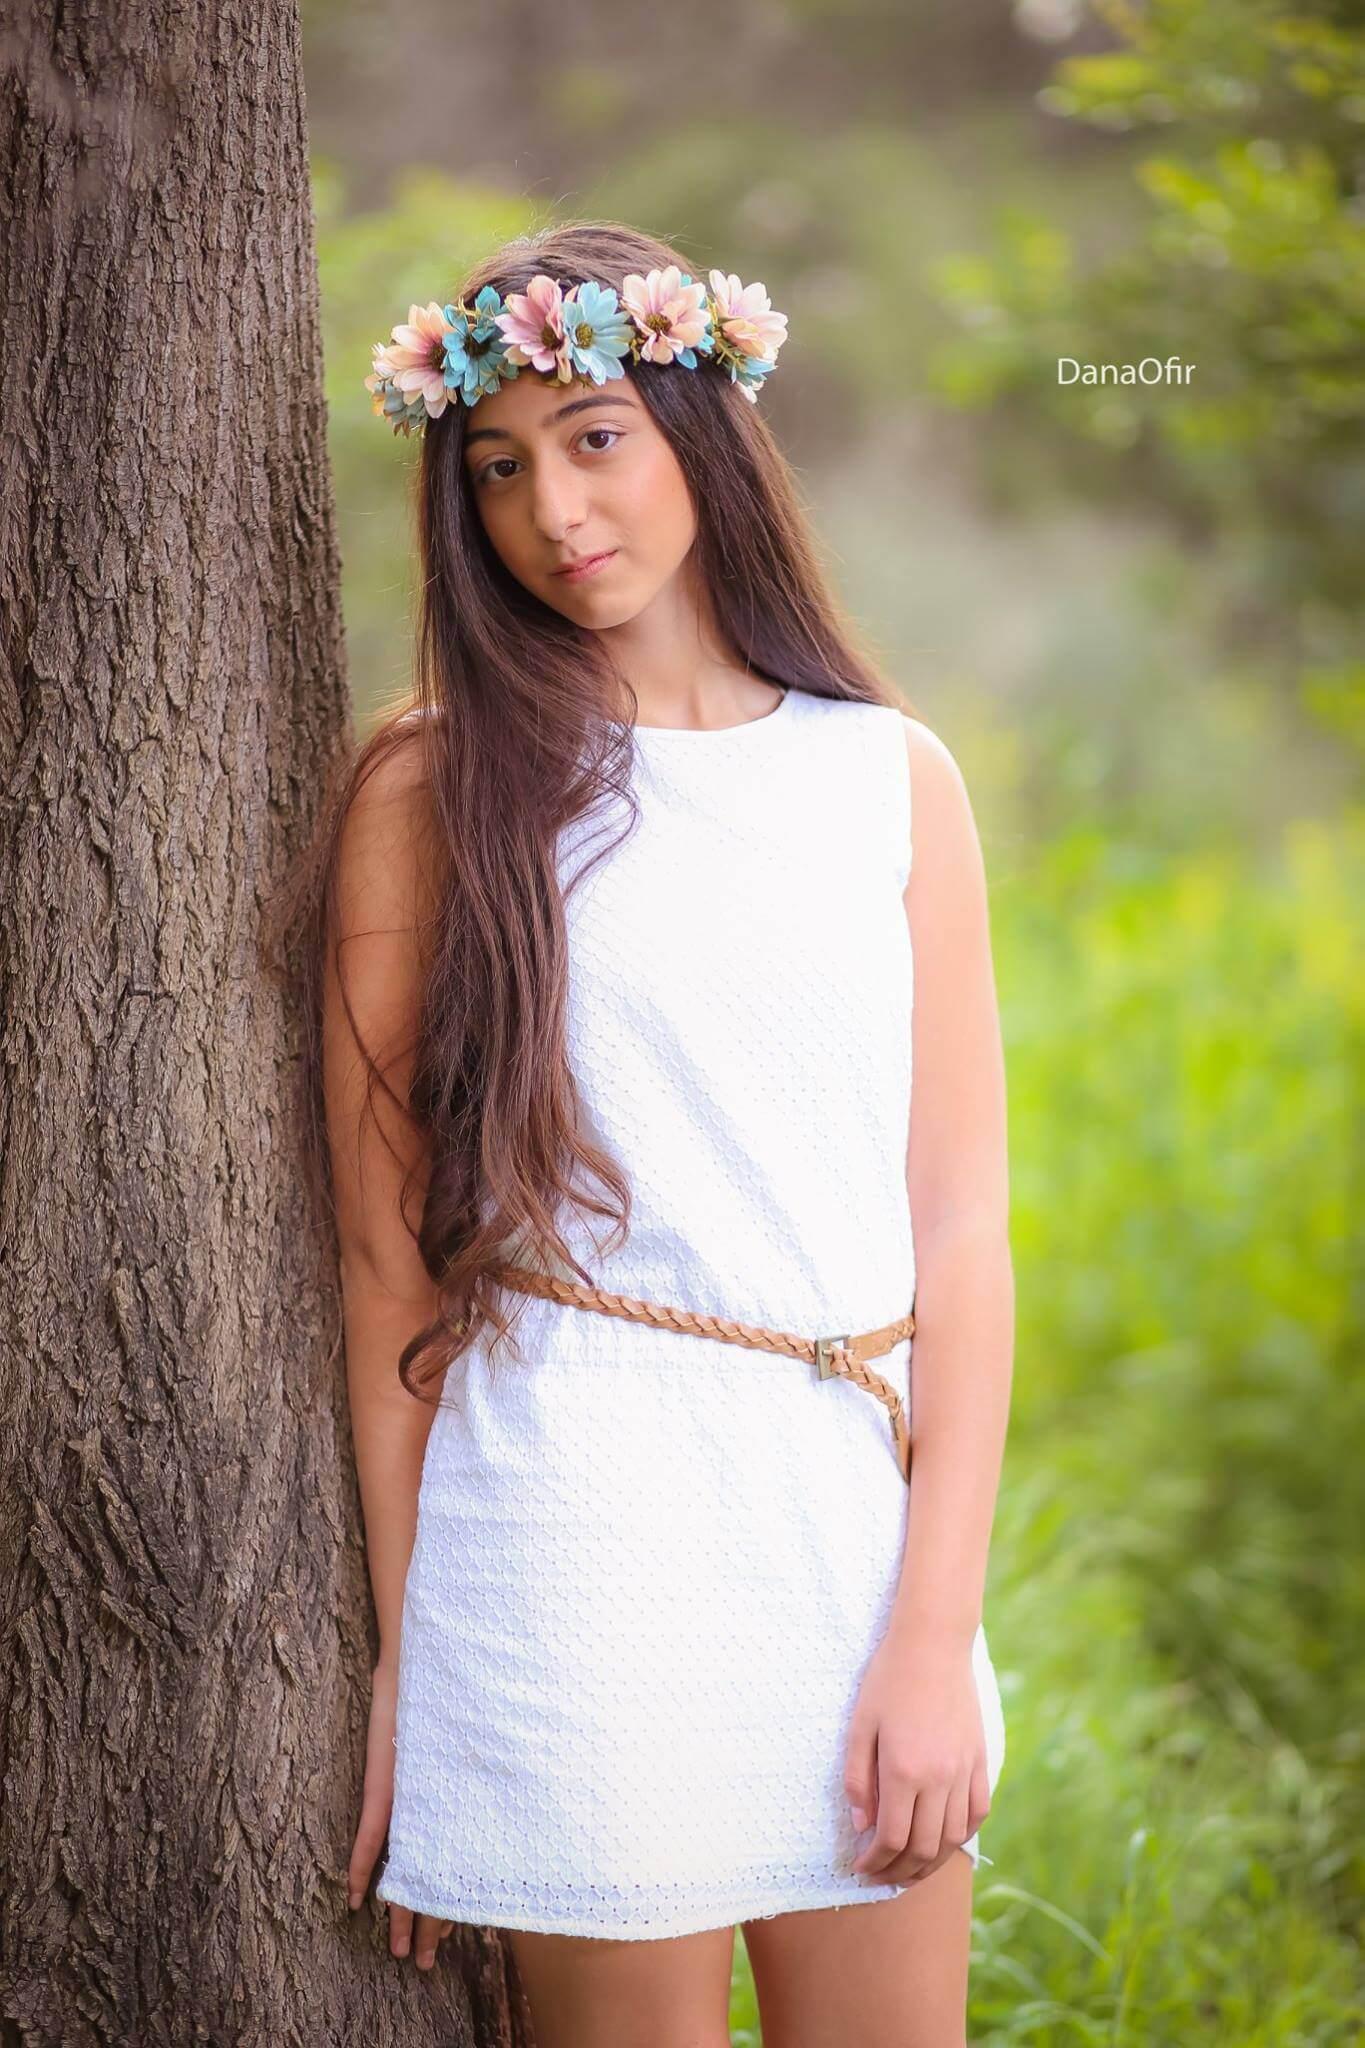 בוק בת מצווה בטבע, שירה - סטודיו דנה אופיר